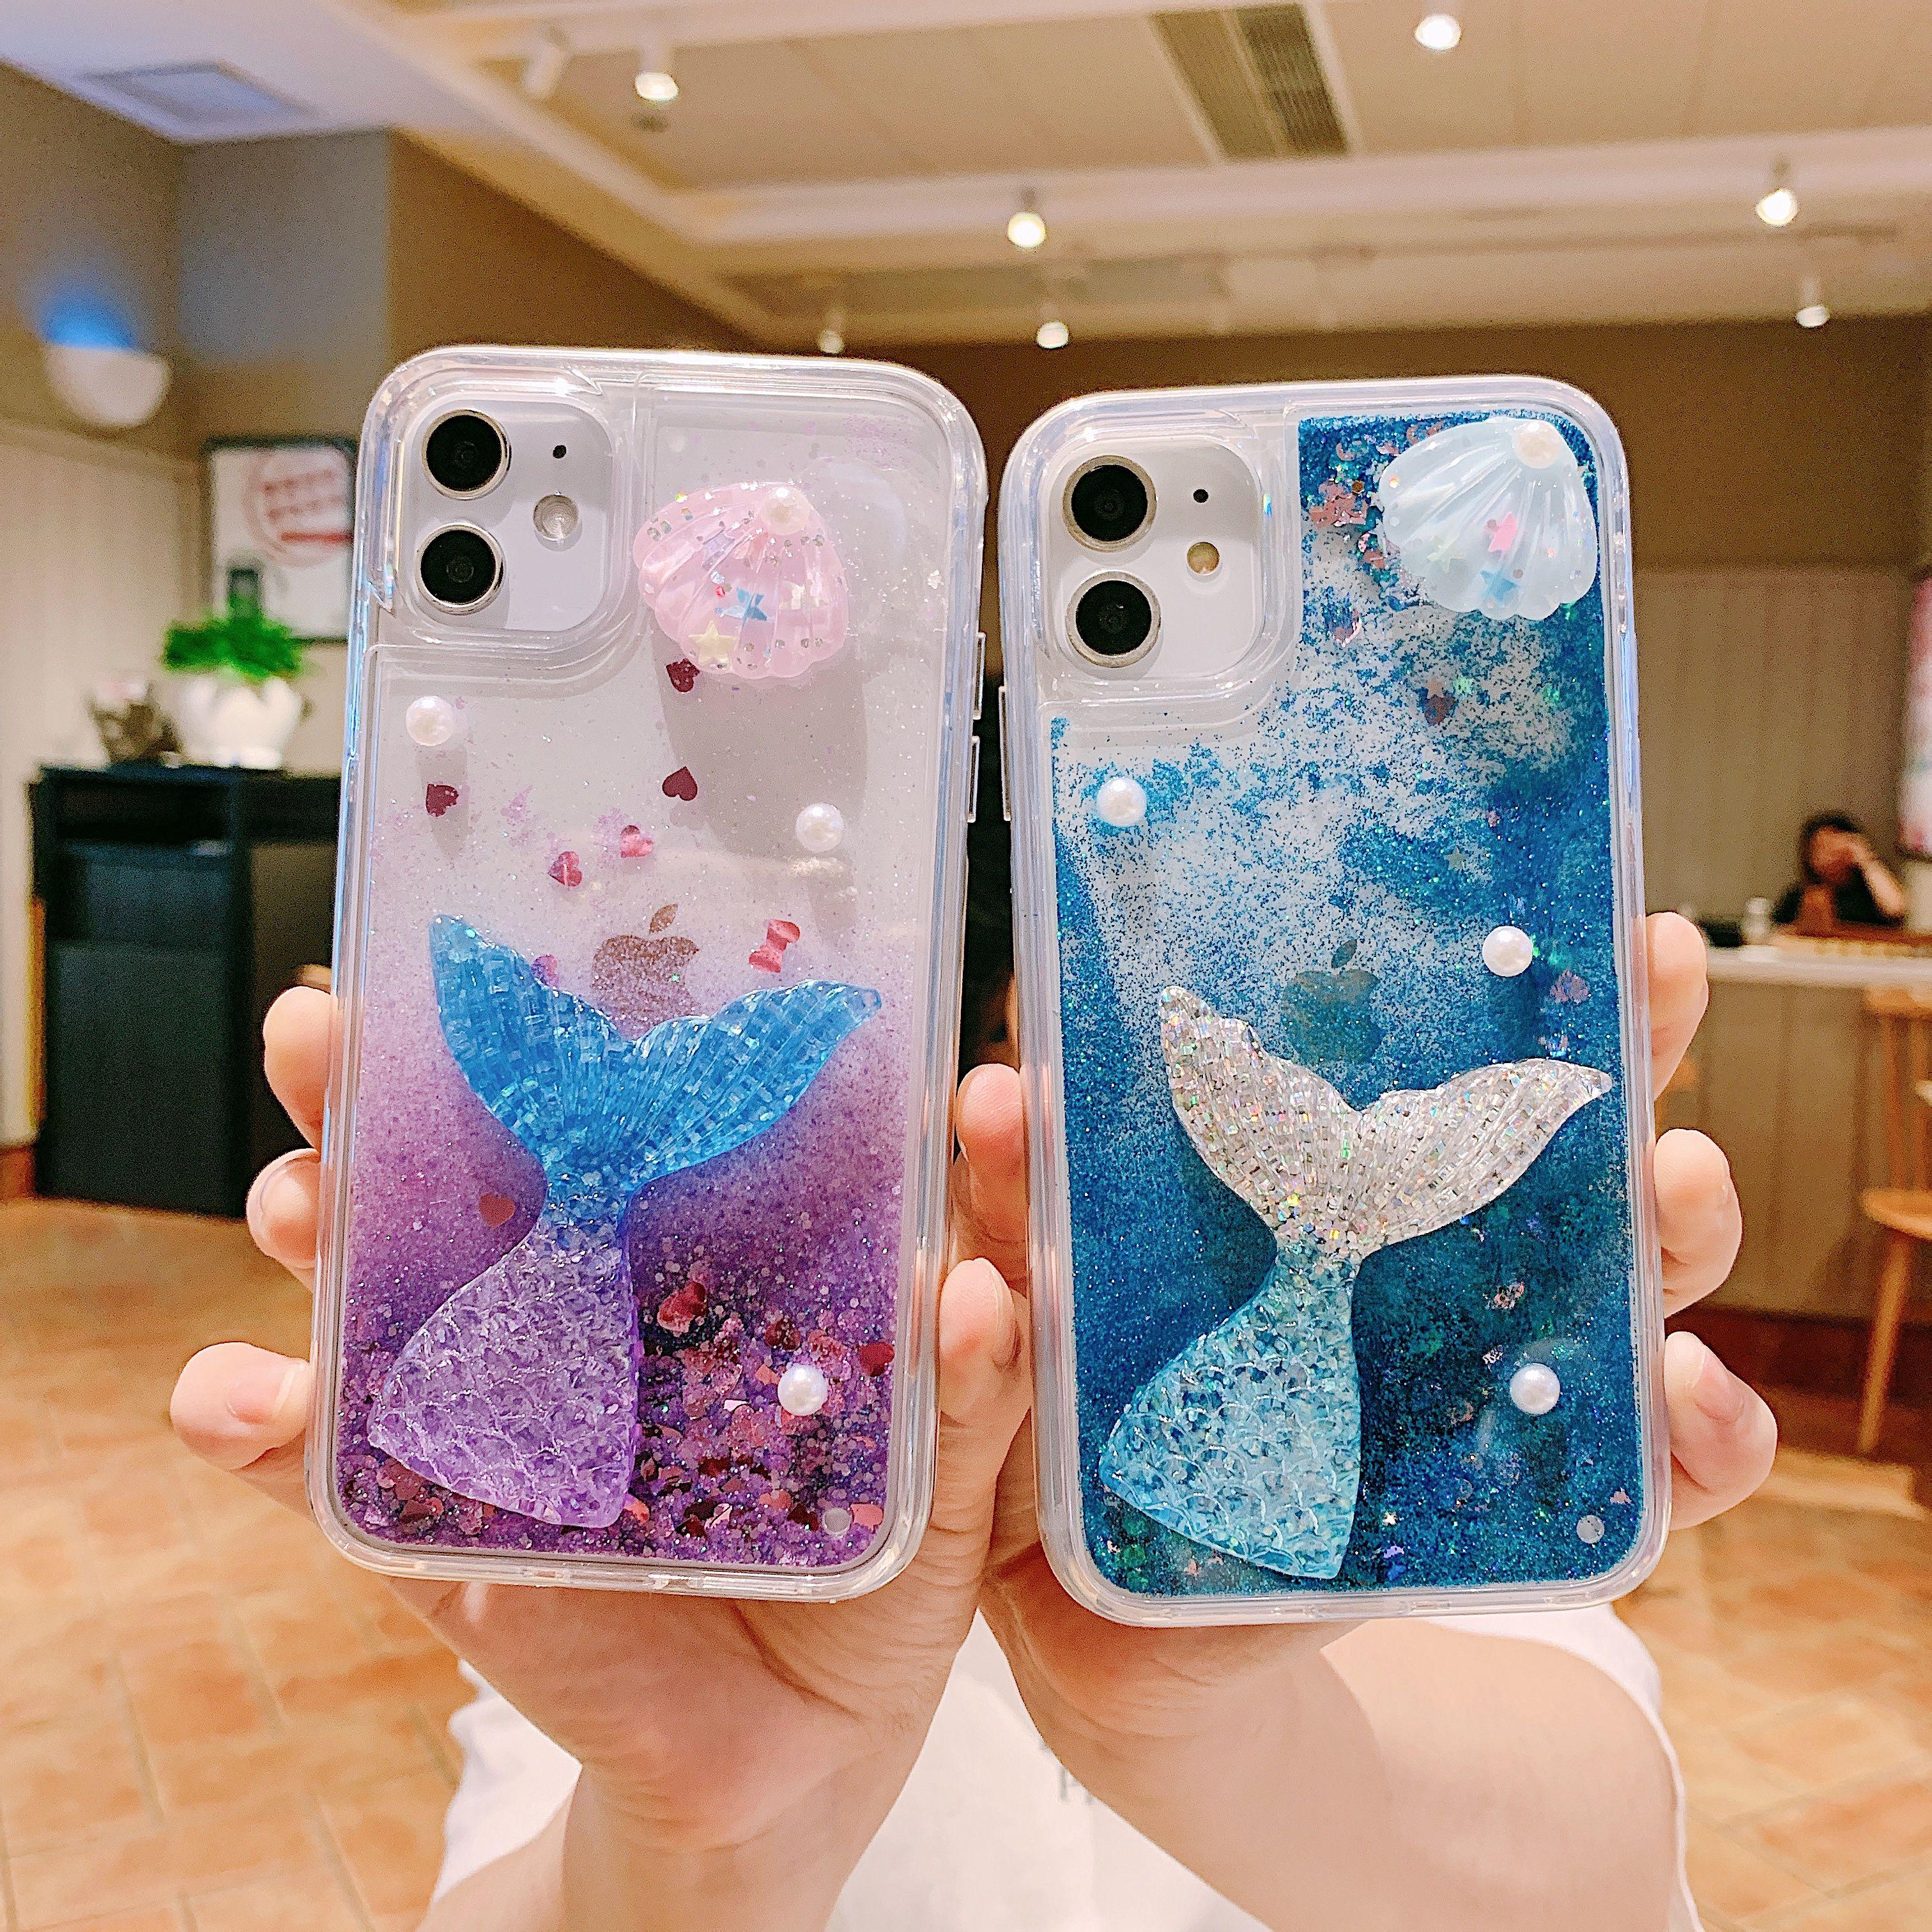 Glitter Bling Mermaid Flüssiges Treibsand-Telefon-Kasten für iPhone 11 Pro Max XS Max XR X 8 7 6s 6 Plus Seestern Abdeckung